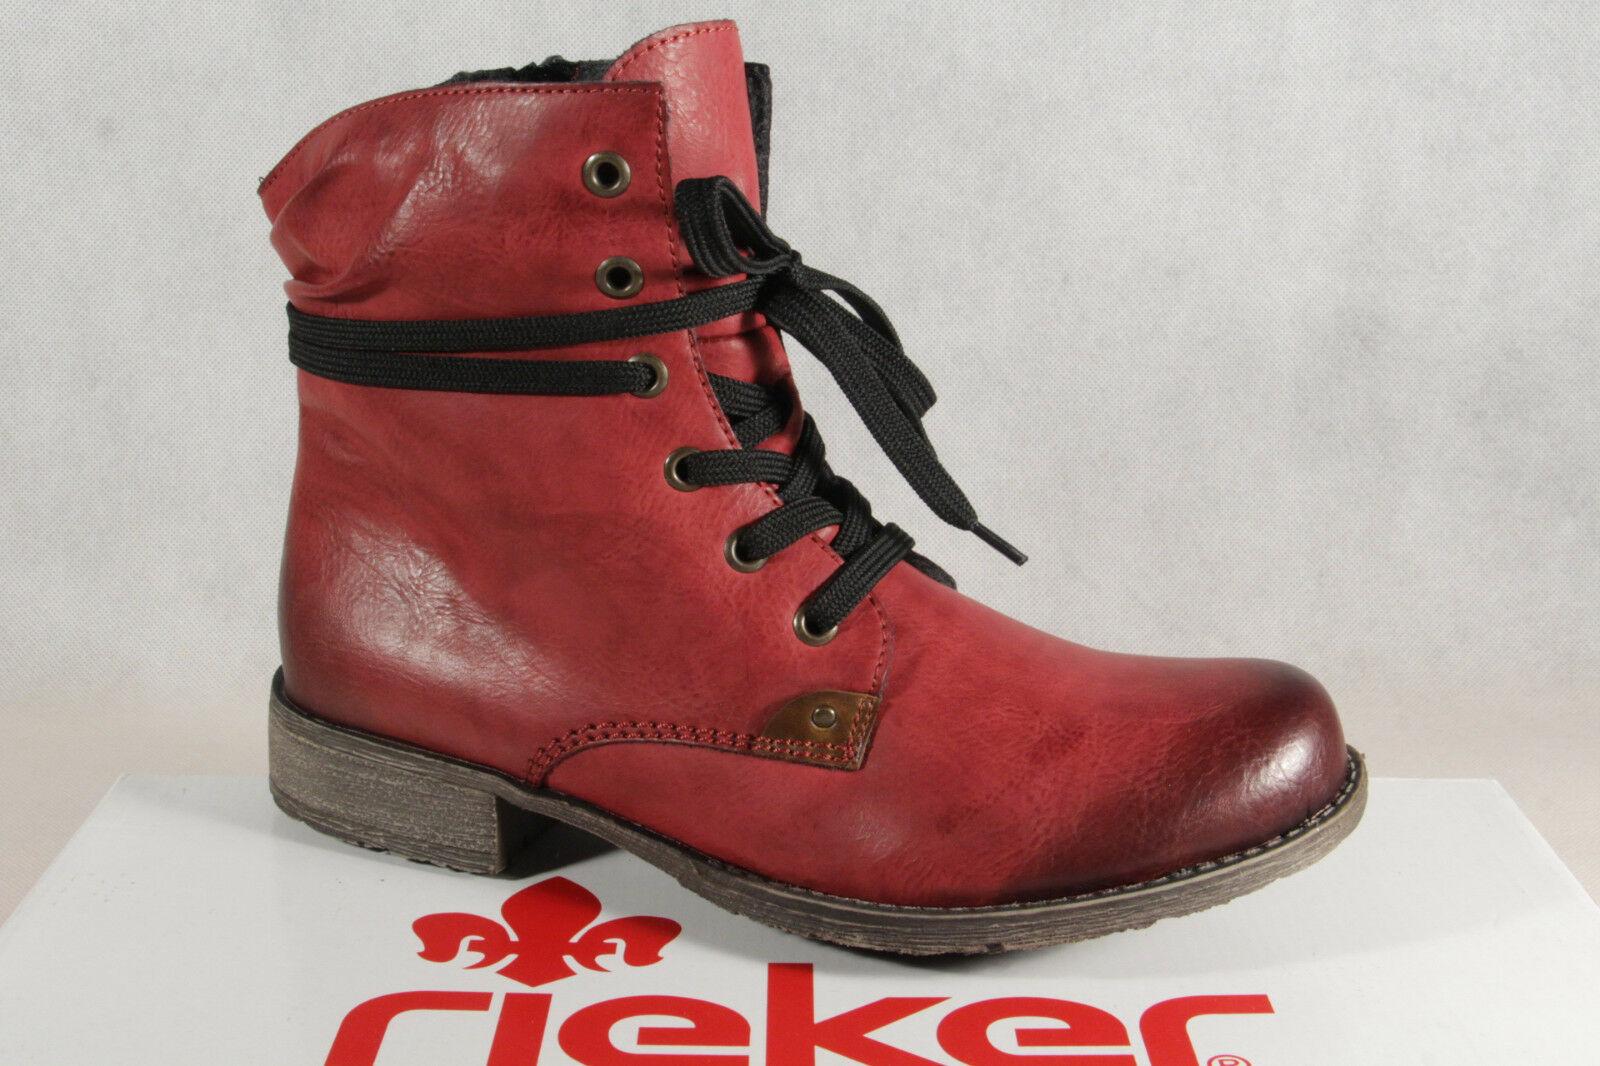 Rieker Damen Stiefel Stiefeletten Schnürstiefel Boots rot 70829 NEU!